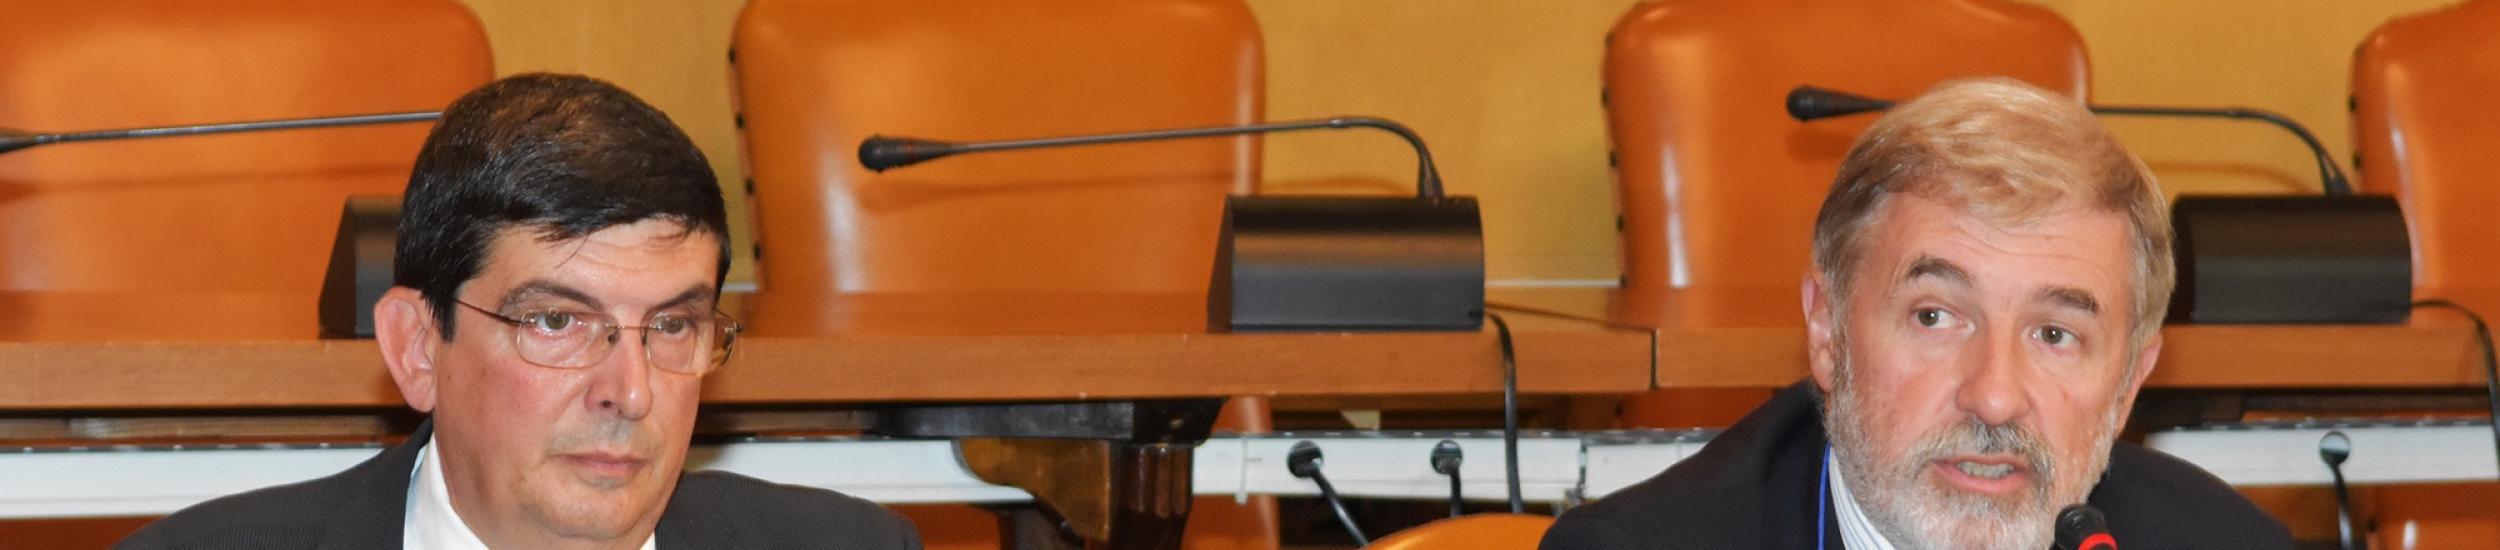 Il Consigliere delegato Adolfo Olcese ed il Sindaco Metropolitano Marco Bucci